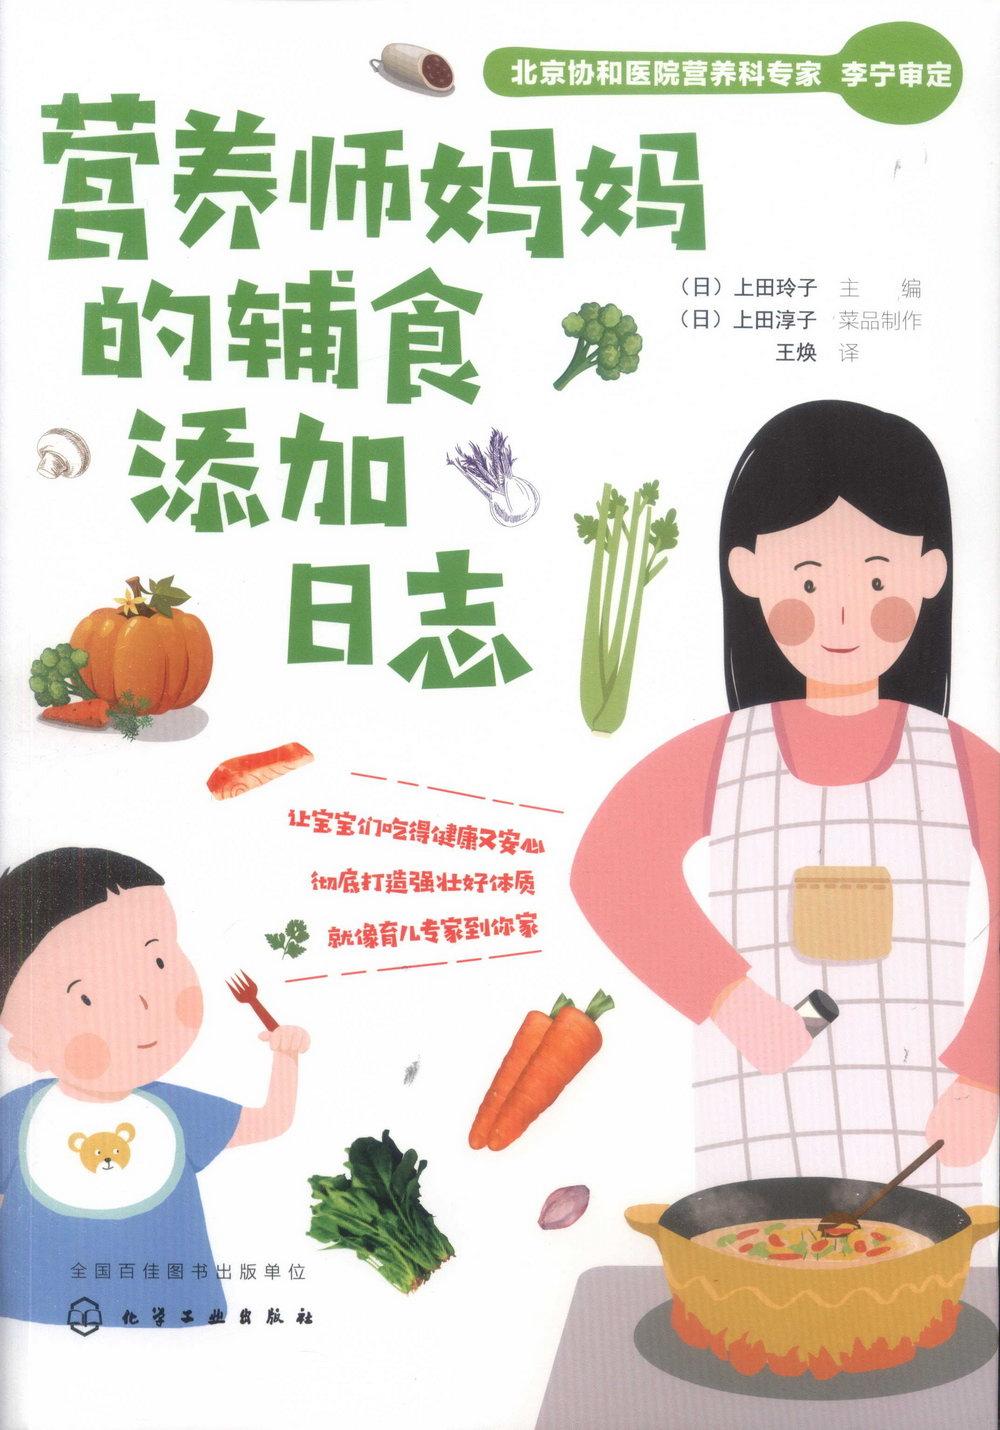 營養師媽媽的輔食添加日誌